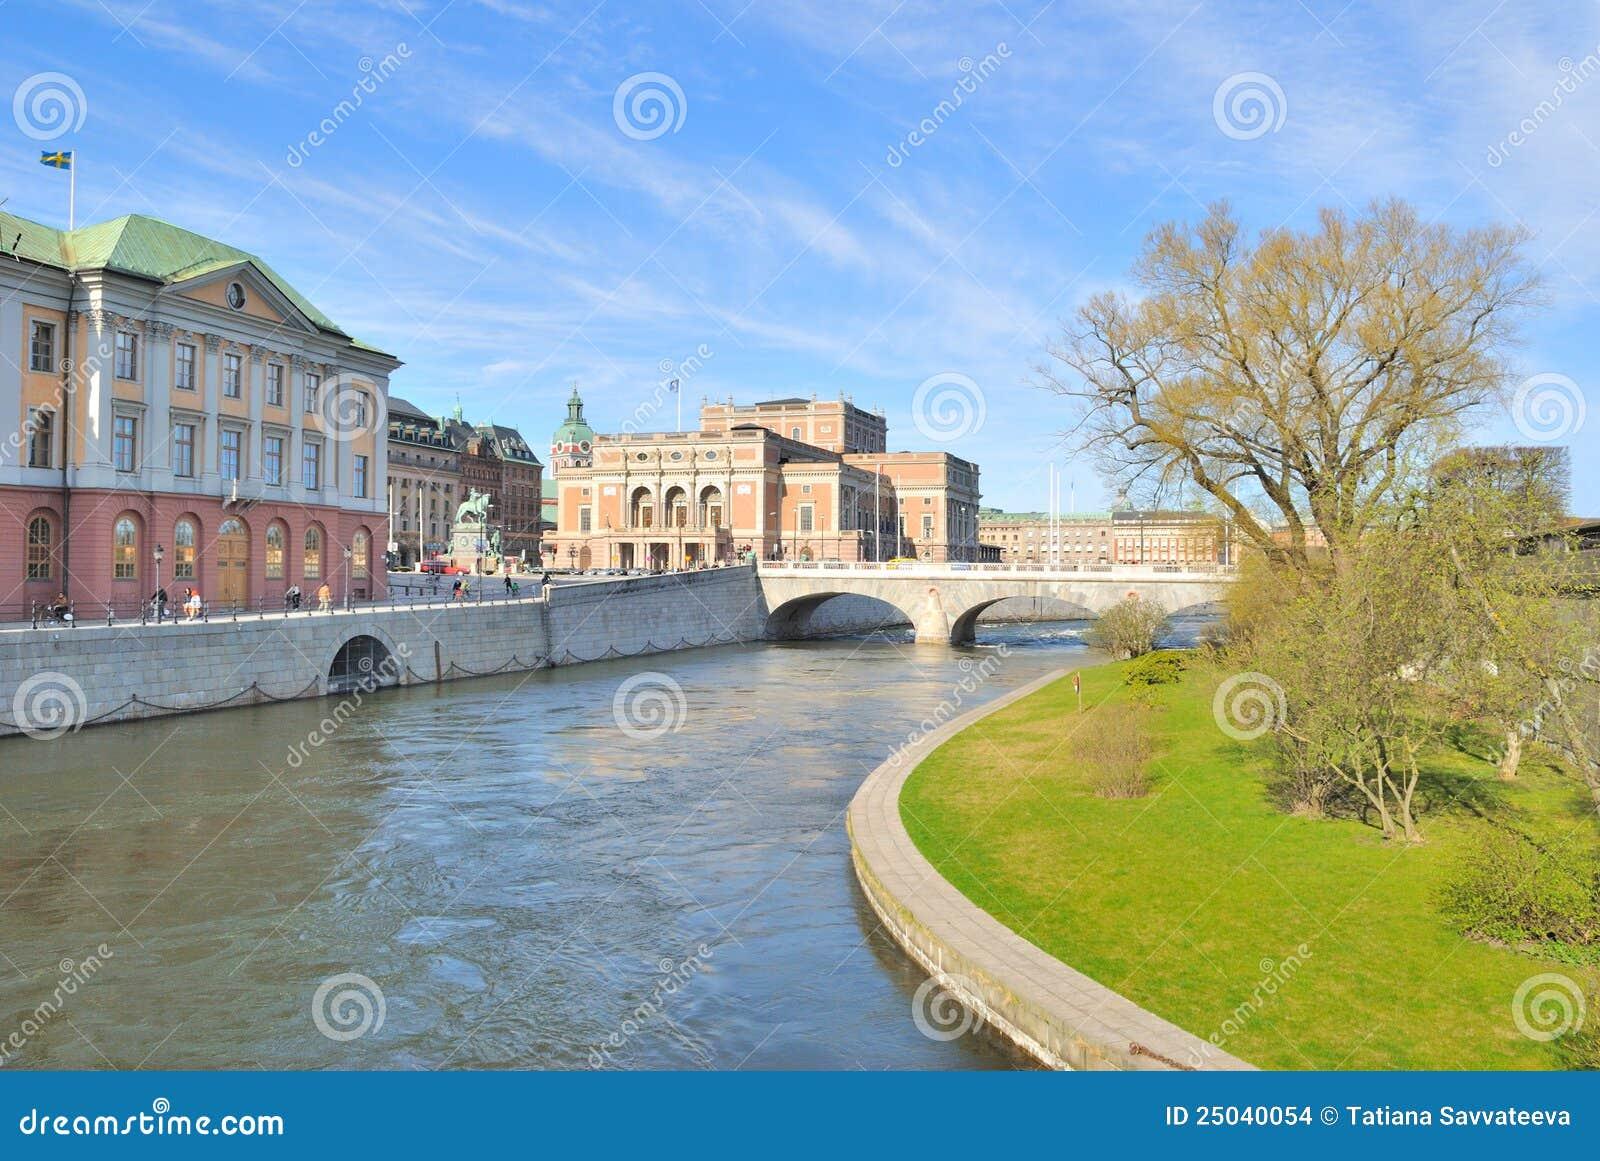 Centrala stockholm